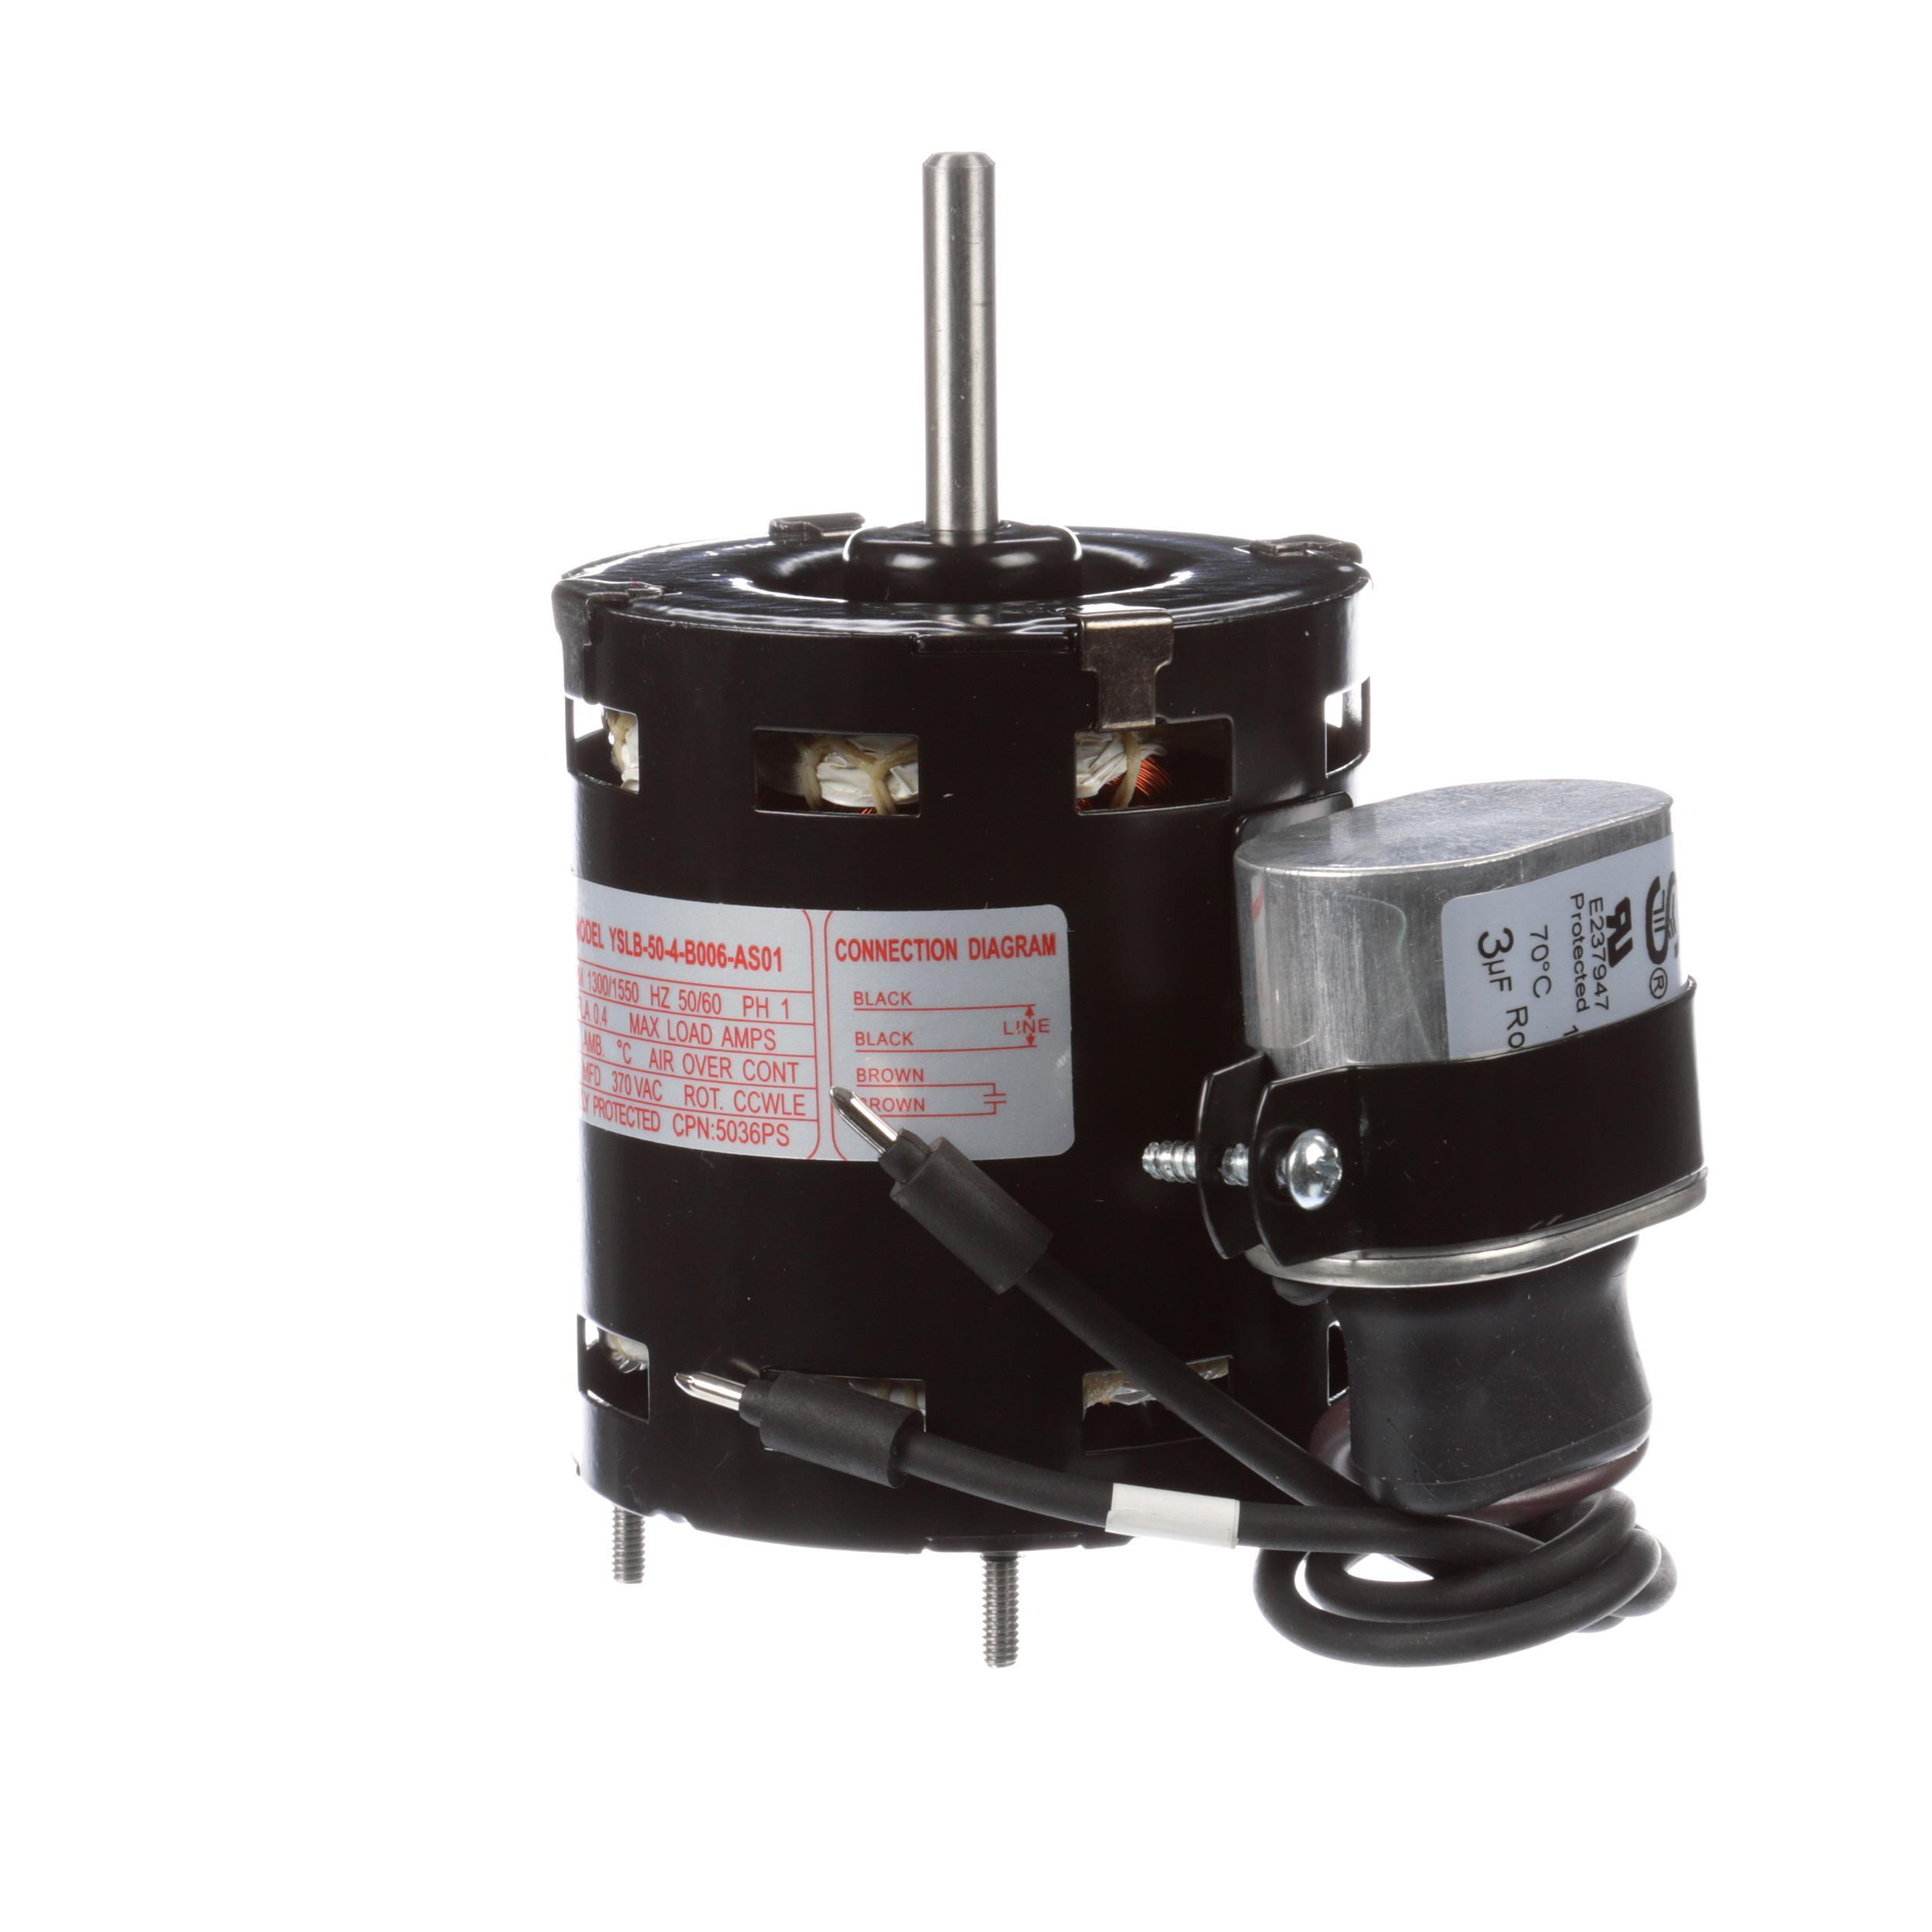 bohn freezer wiring diagrams bohn heatcraft wiring